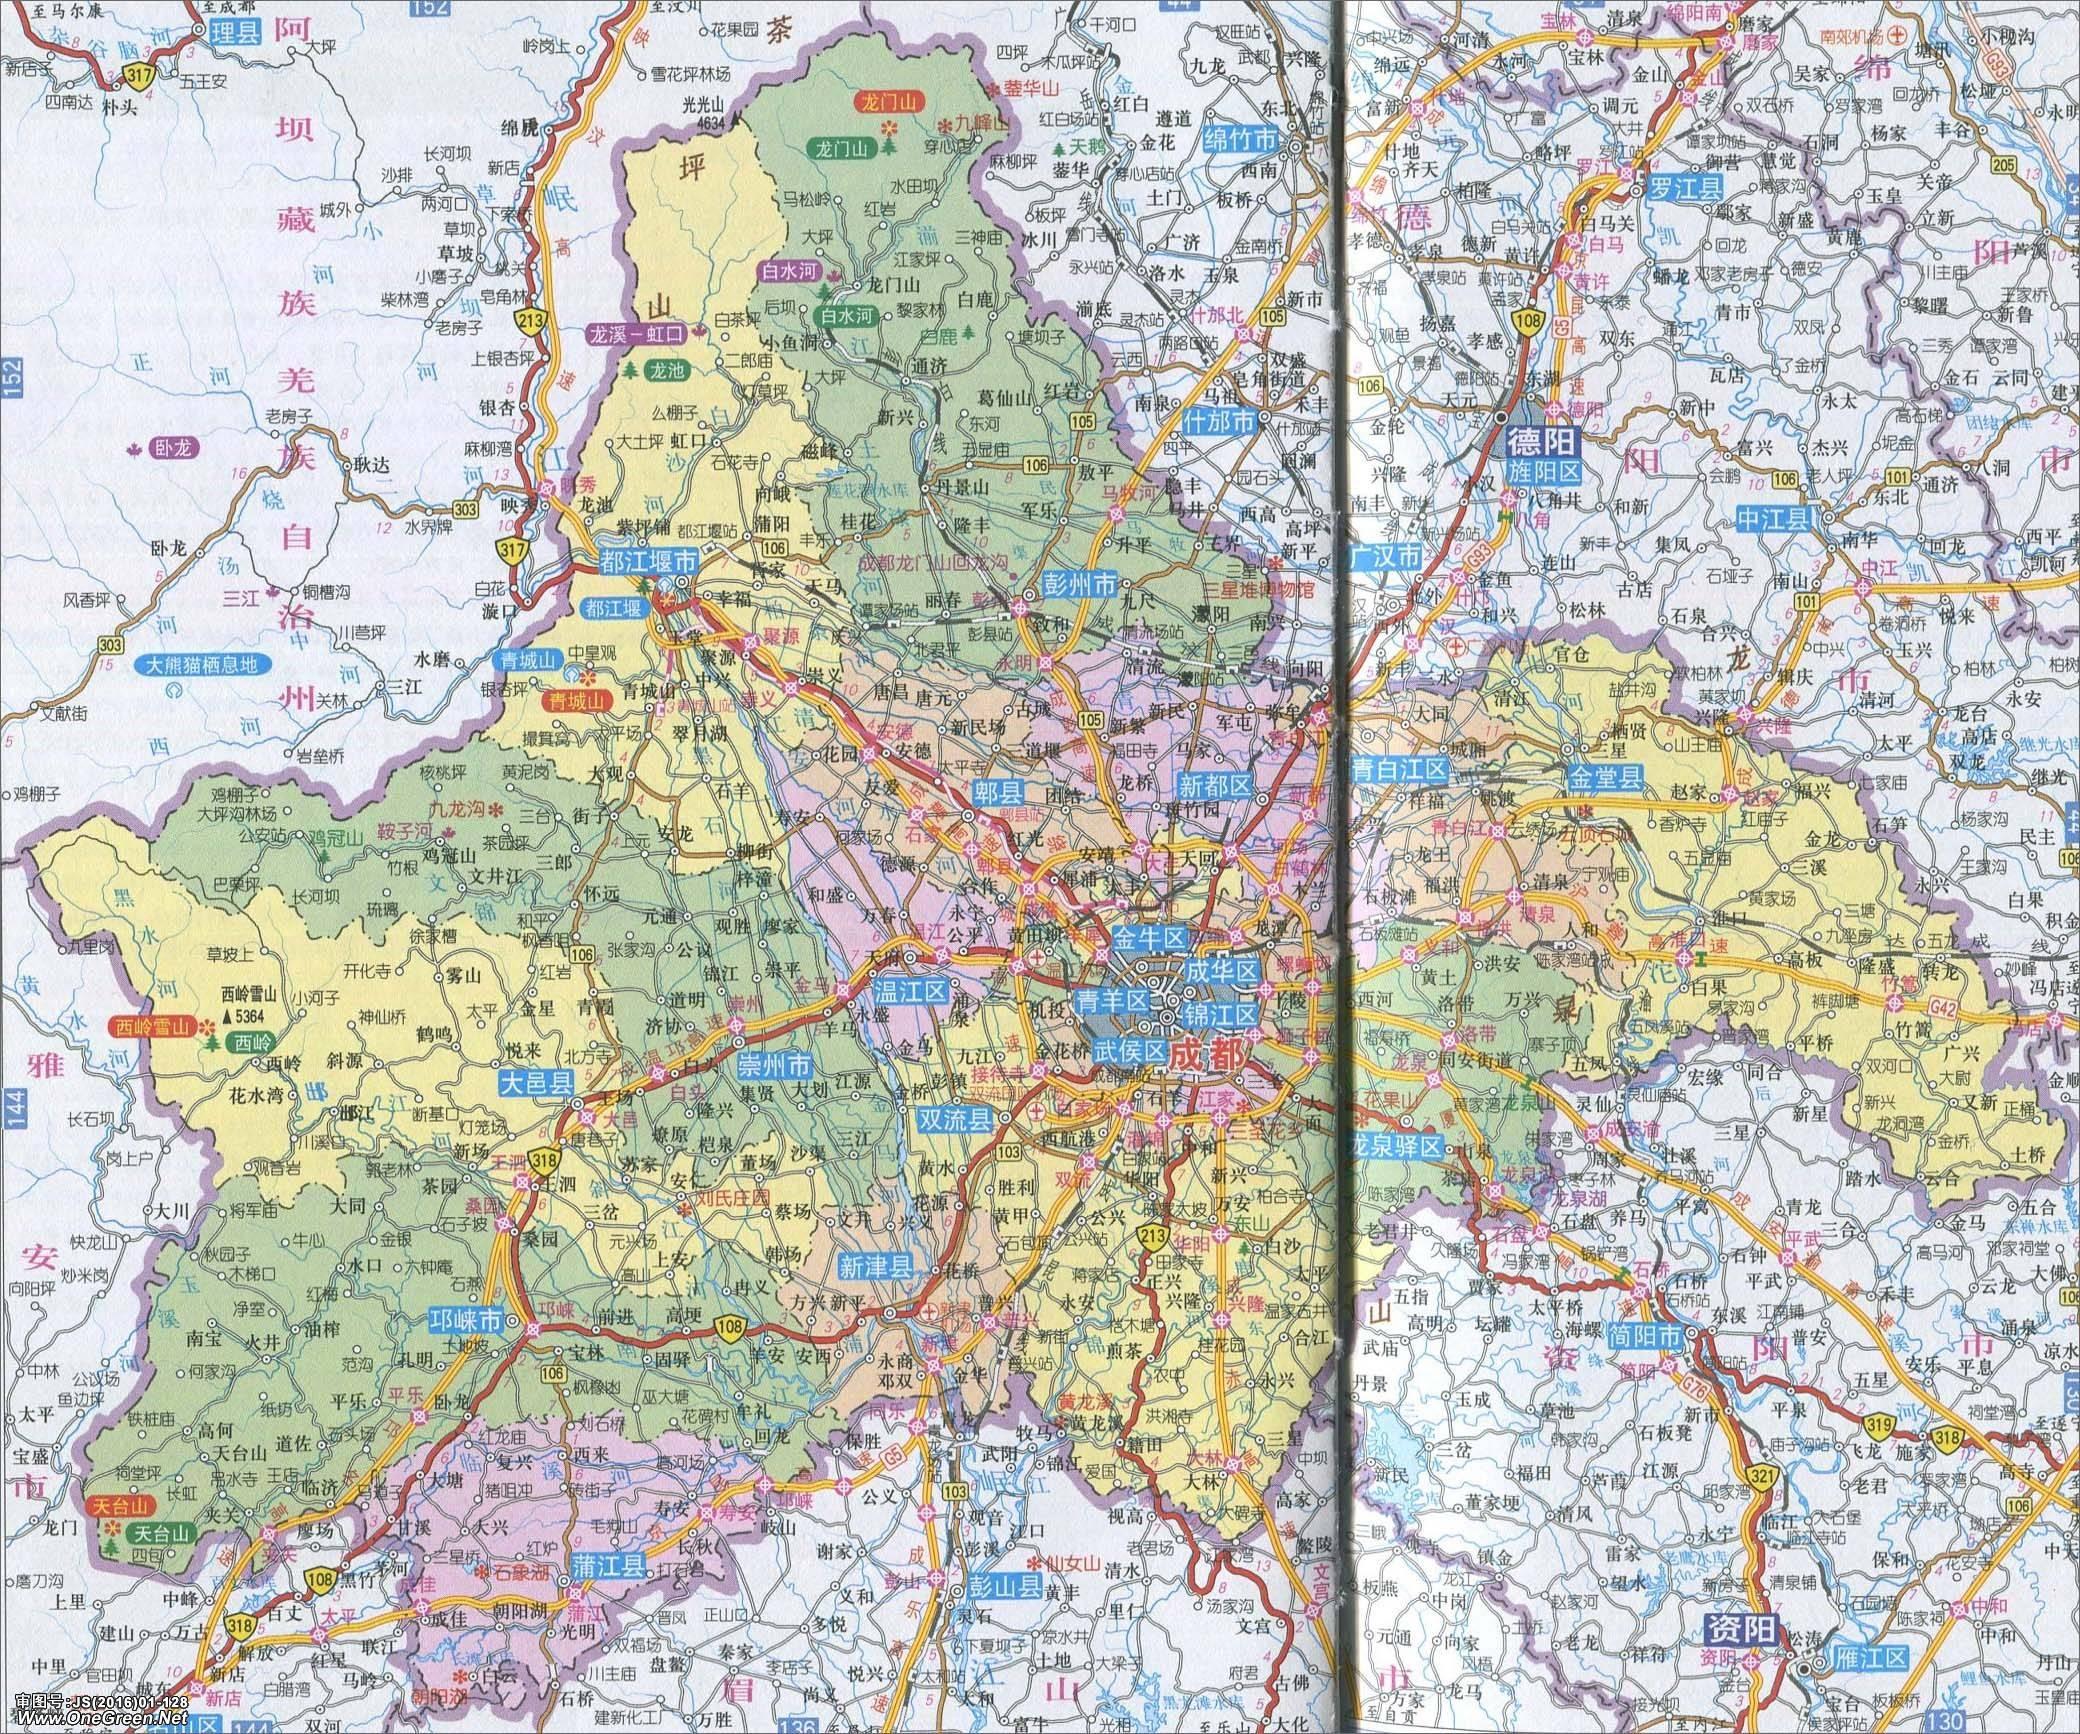 成都市地图_成都市地图高清版_成都地图库_地图窝